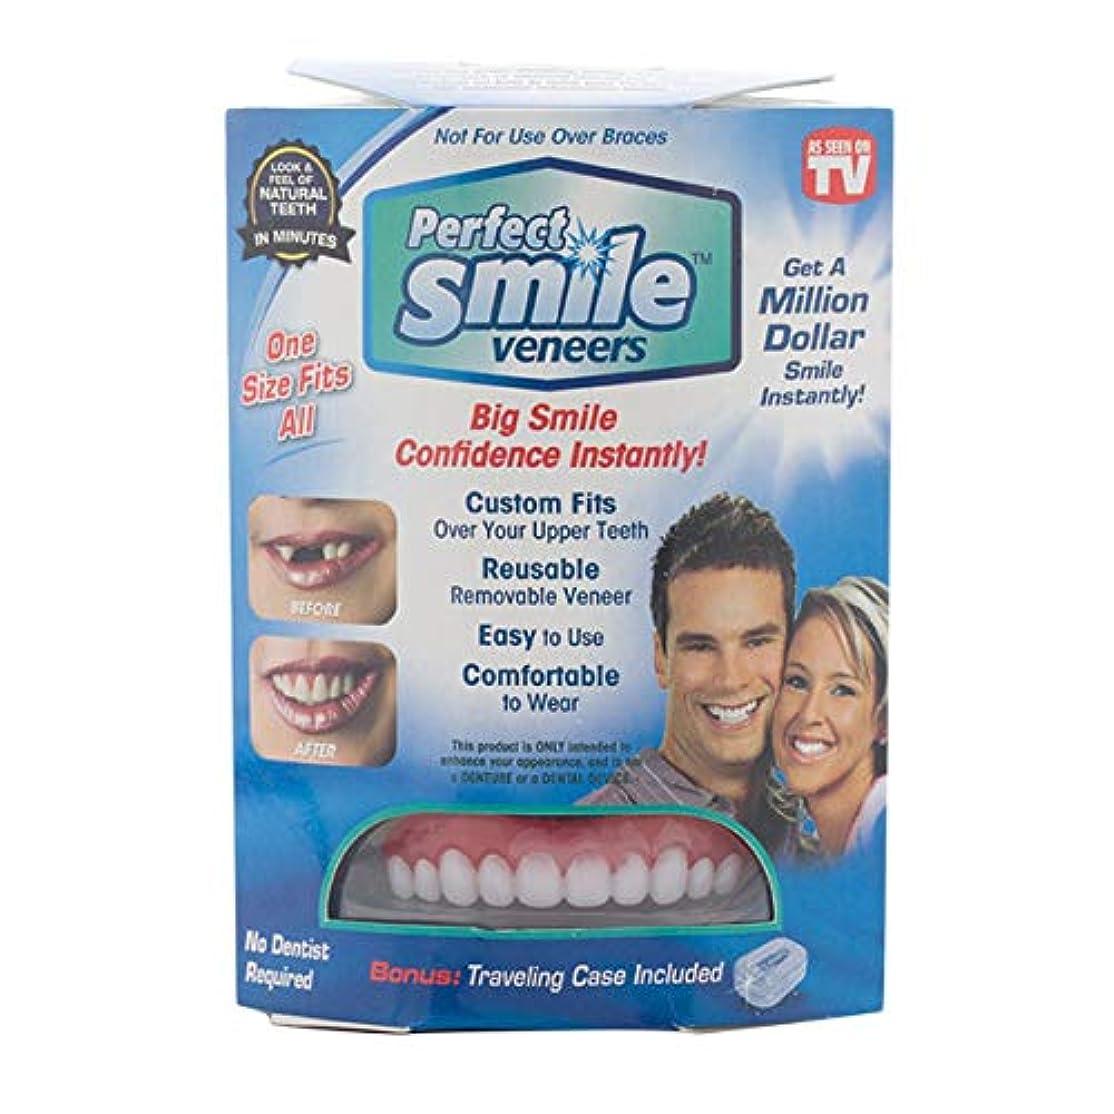 神頭蓋骨パーティー完璧なインスタントスマイルコンフォートフレックス歯ホワイトニング入れ歯ペースト偽歯アッパー化粧品突き板歯カバー美容ツール - ホワイト&レッド